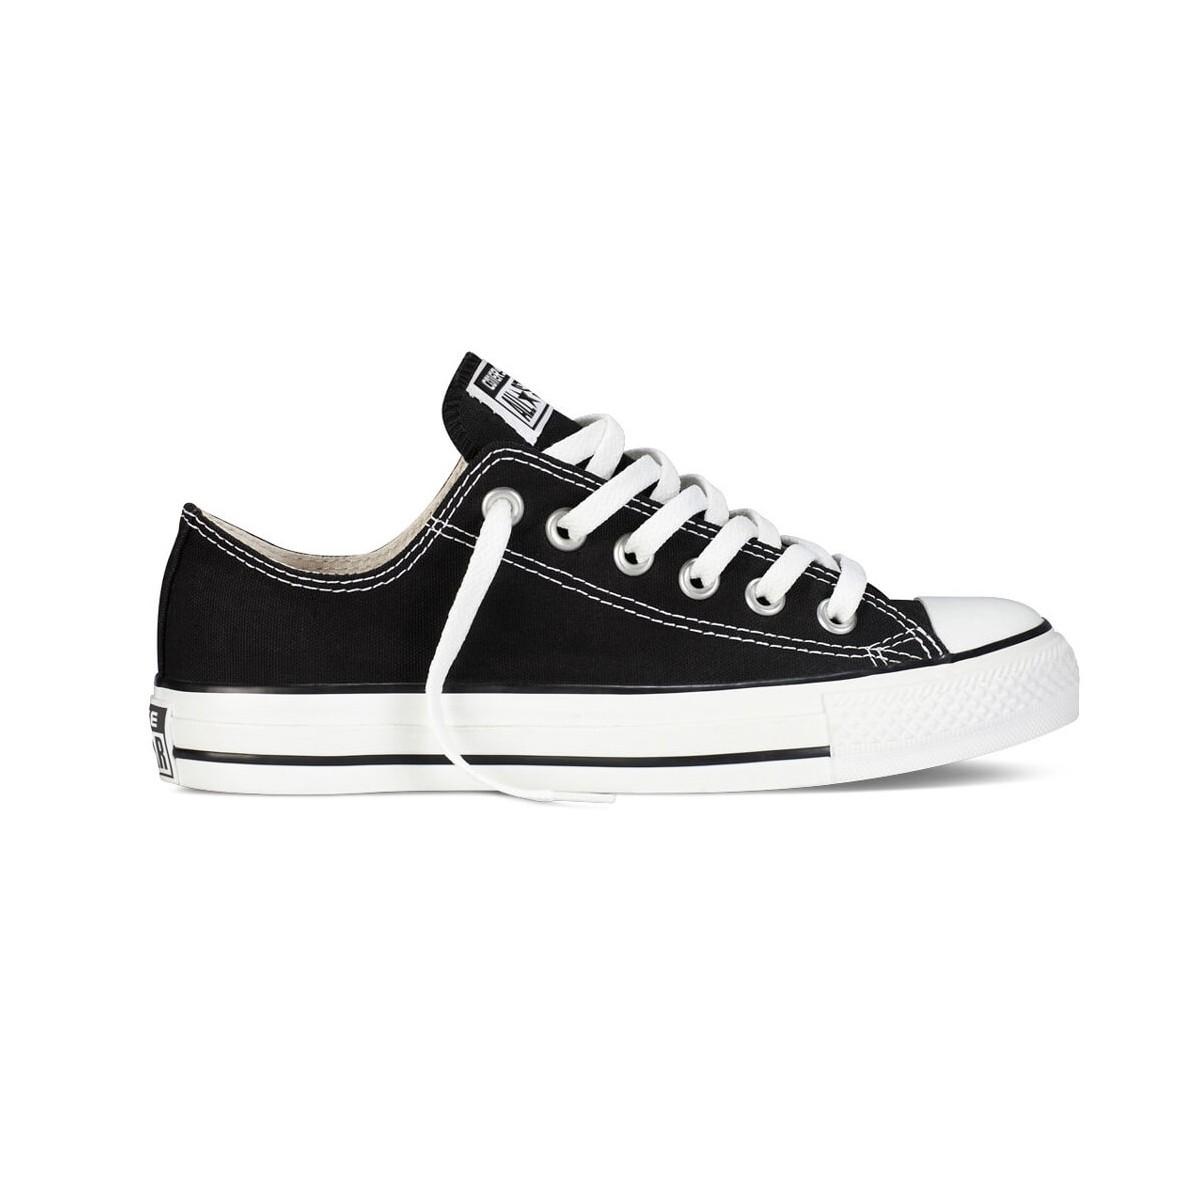 Pánské boty Converse Chuck Taylor All Star černé  f19bb0685b